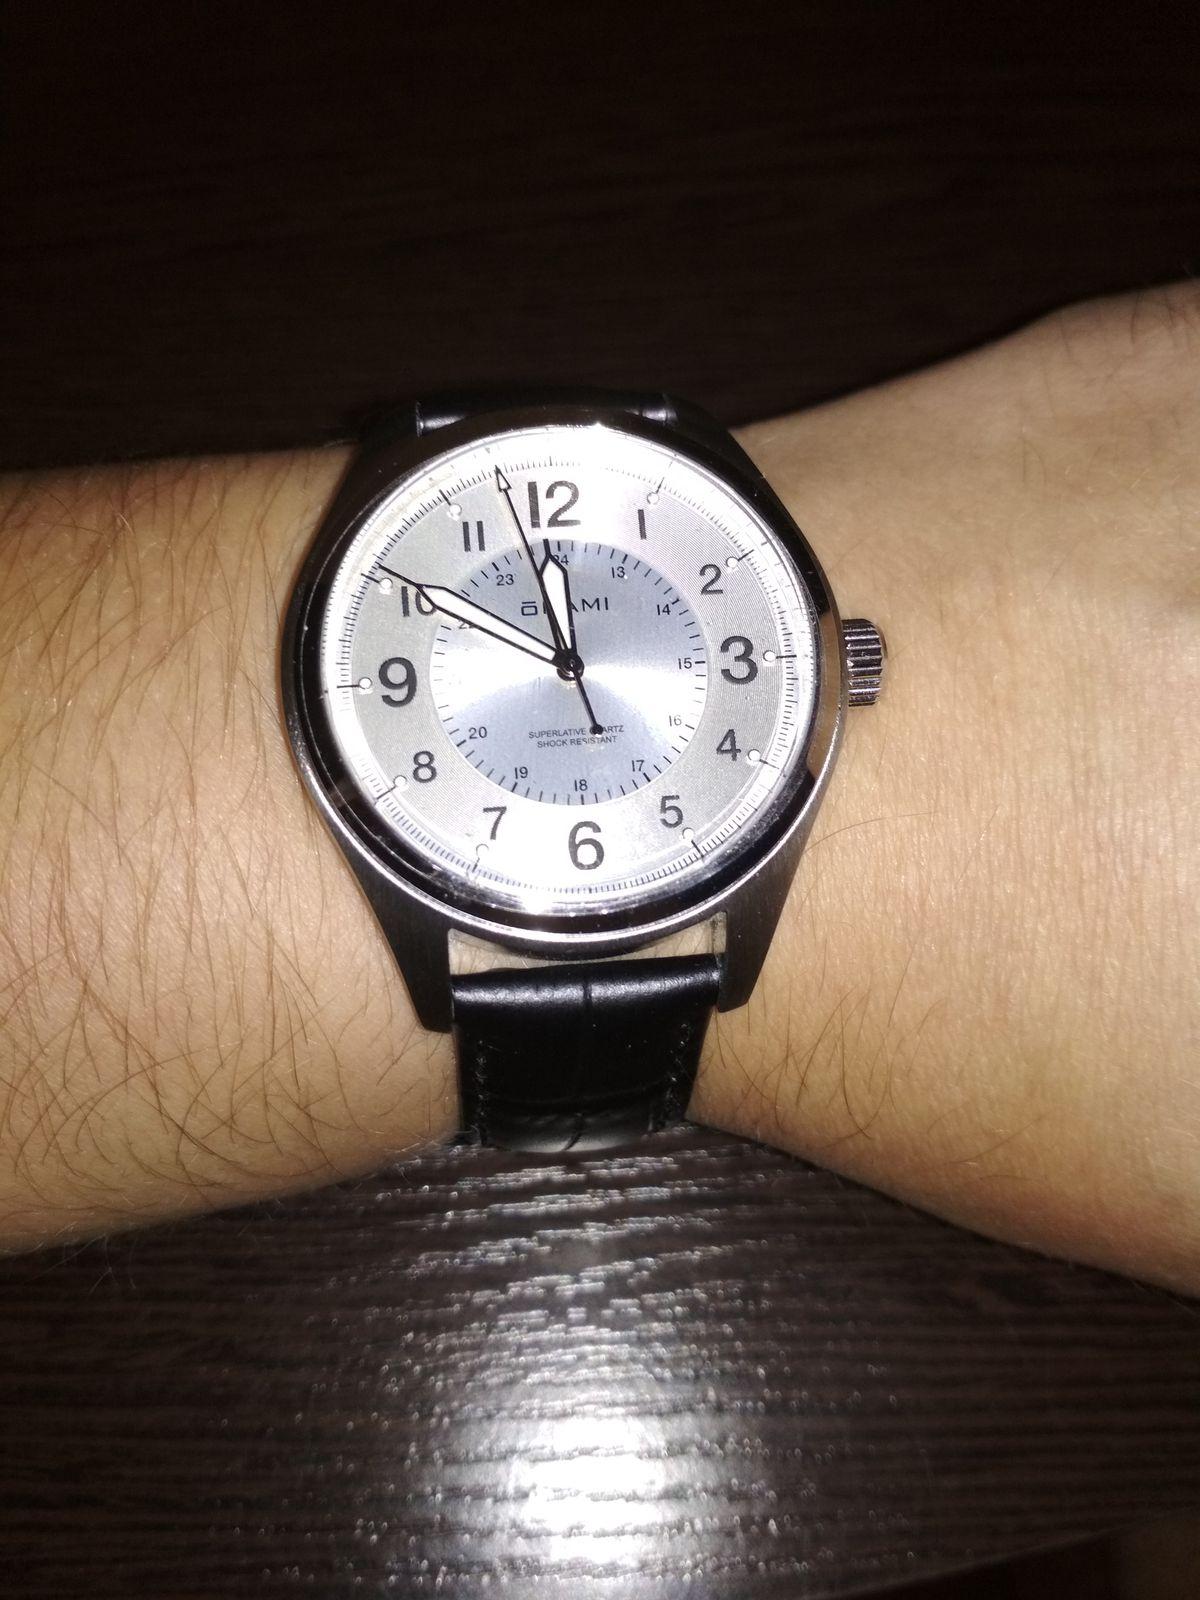 Мои часы. Давно хотел новые часы, а тут скидки в магазине.